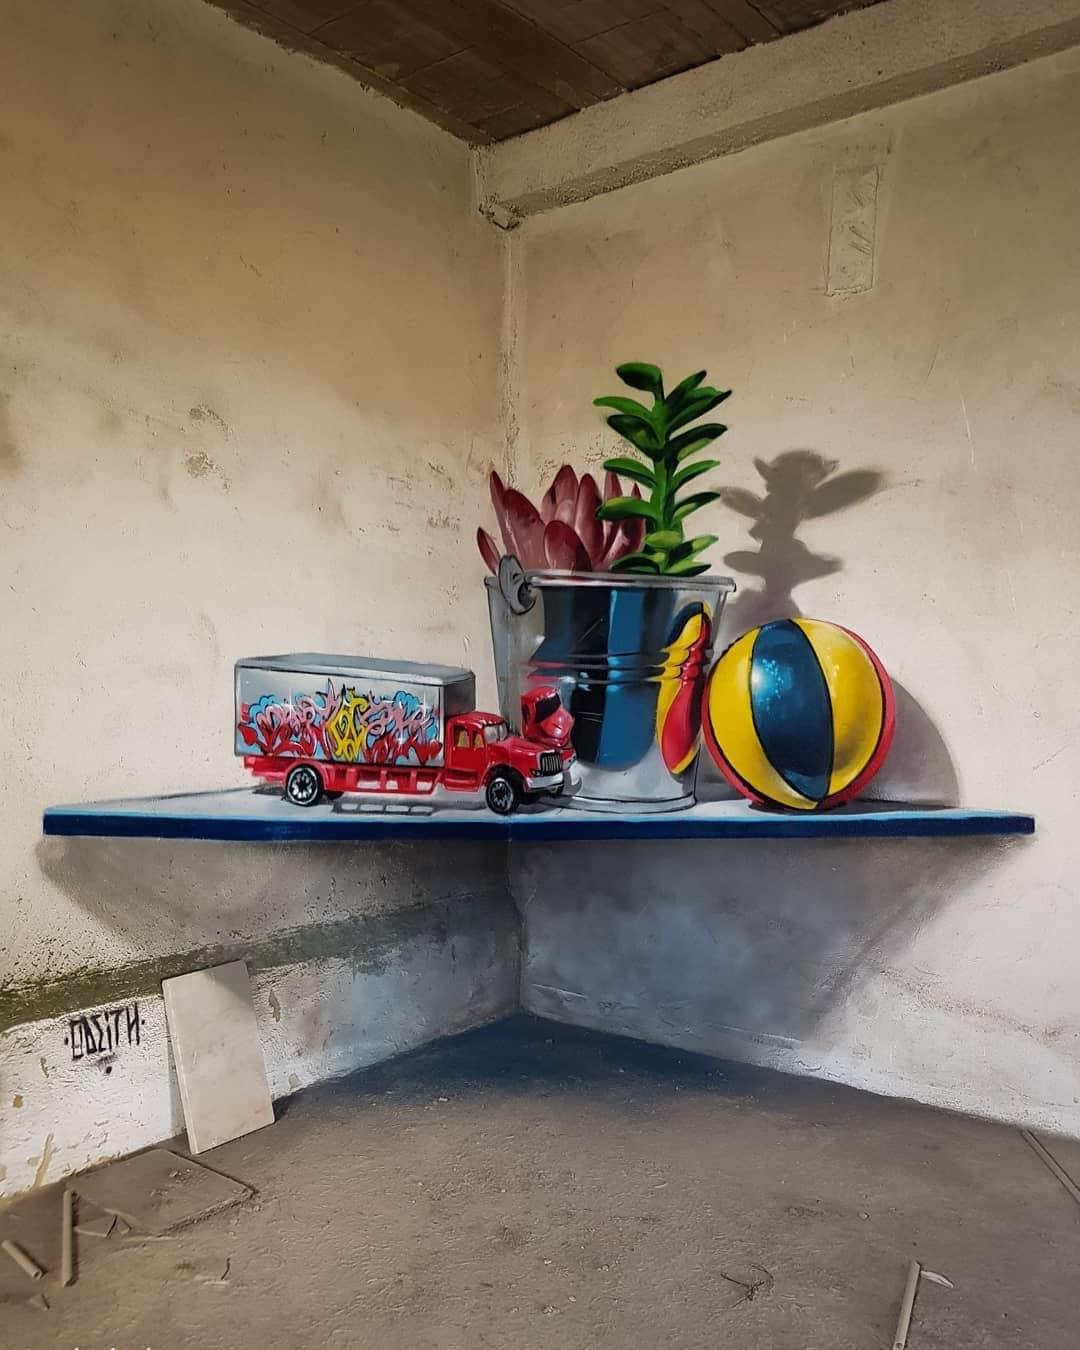 1565697709 5338adbb21c90b968176cccc9bde9aa7 - 20 работ художника, который превращает невзрачные стены в невероятно реалистичные 3D-граффити